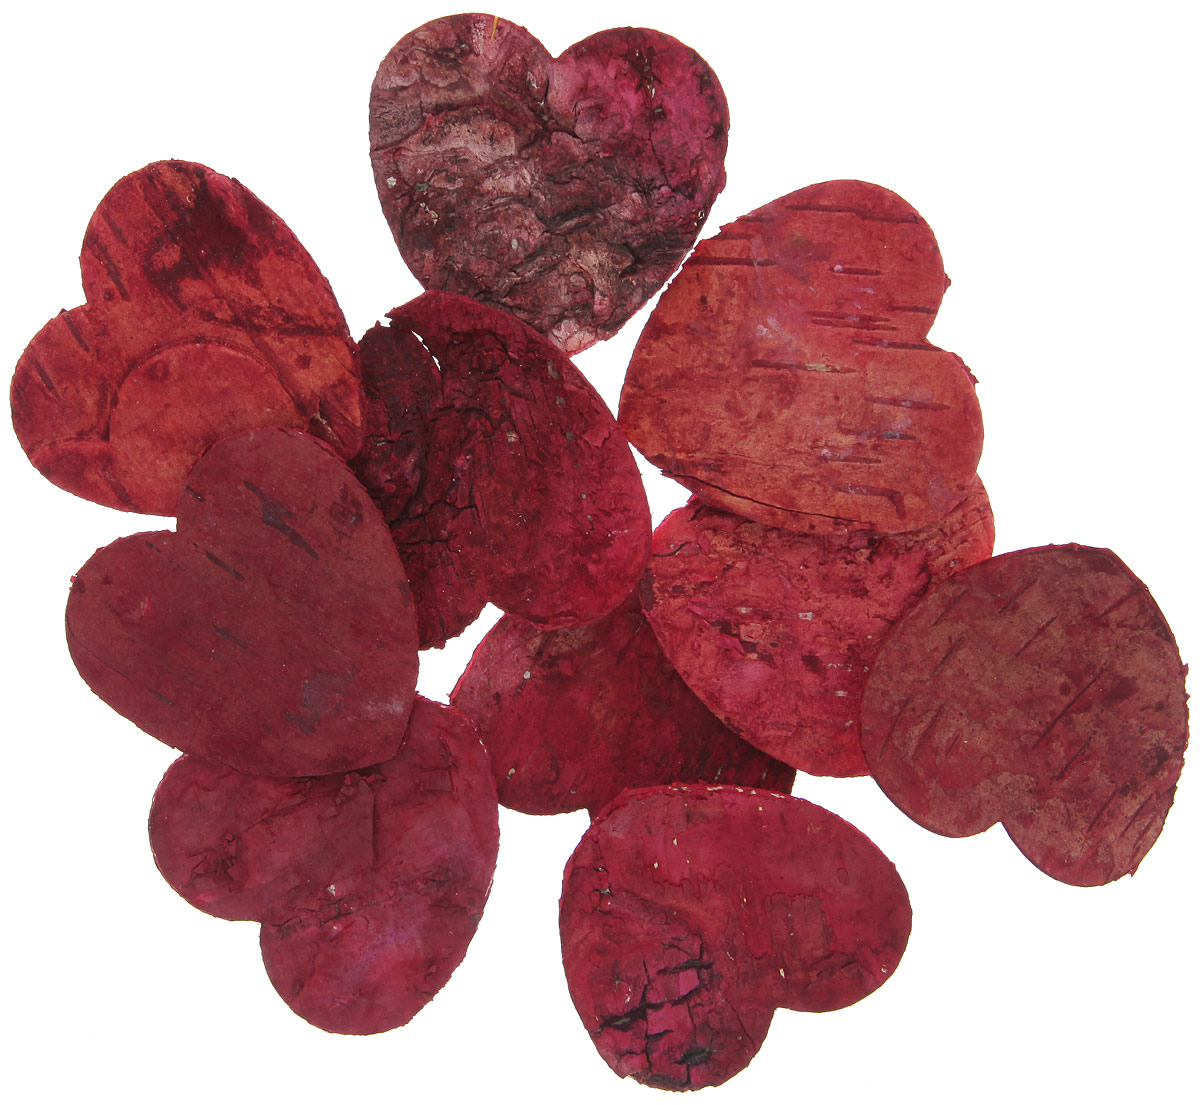 Декоративный элемент Dongjiang Art Сердце, цвет: красный, 10 шт7709004_красныйДекоративный элемент Dongjiang Art Сердце, изготовленный из натуральной коры дерева, предназначен дляукрашения цветочных композиций. Изделие можно также использовать в технике скрапбукинг и многом другом.Флористика - вид декоративно-прикладного искусства, который использует живые, засушенные иликонсервированные природные материалы для создания флористических работ. Это целый мир, в котором естьместо и строгому математическому расчету, и вдохновению. Размер одного элемента: 5 см х 5 см.